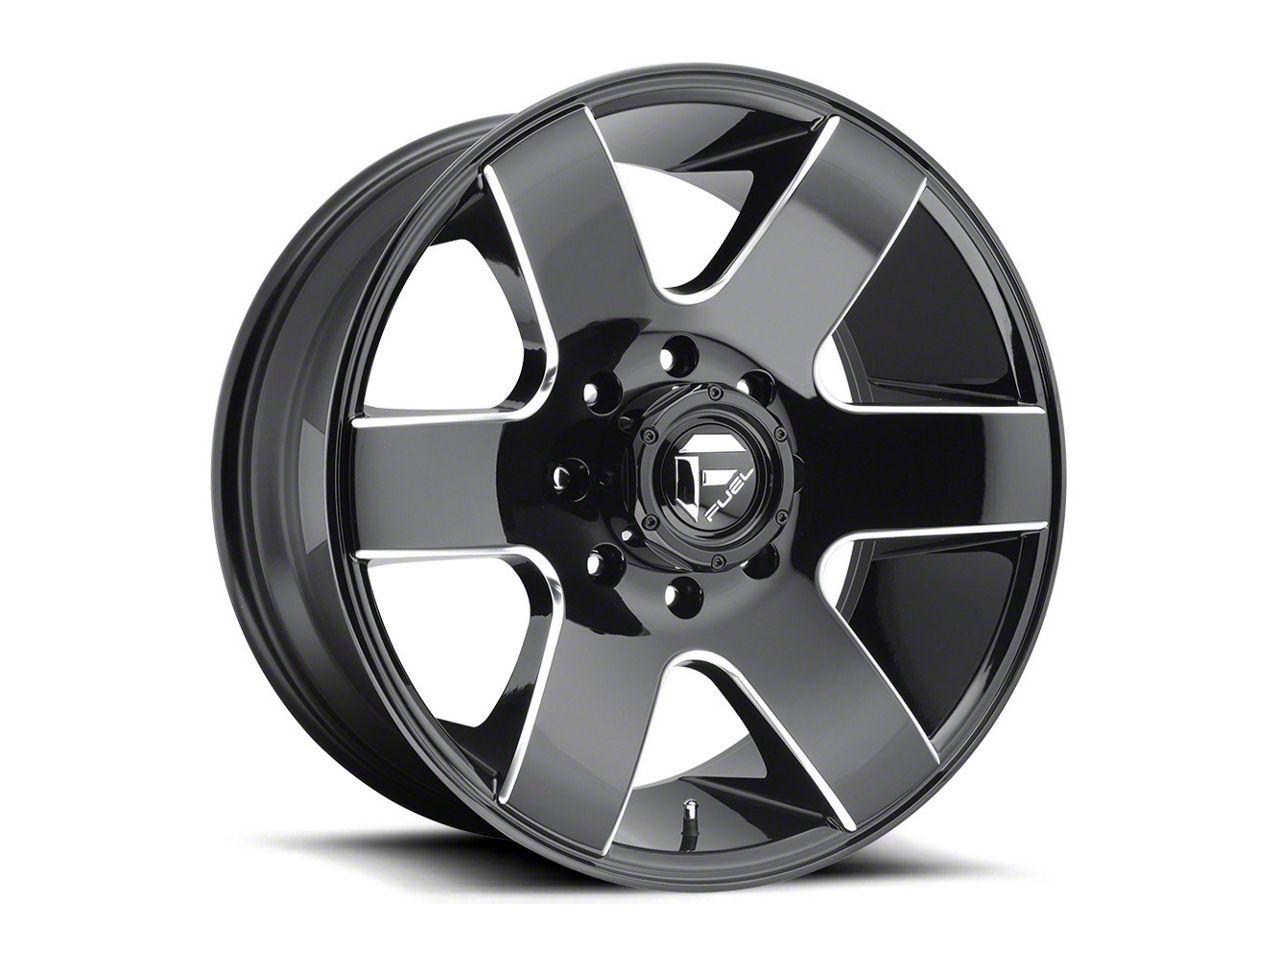 Fuel Wheels Tank Gloss Black Milled 6-Lug Wheel - 20x10 (99-18 Silverado 1500)